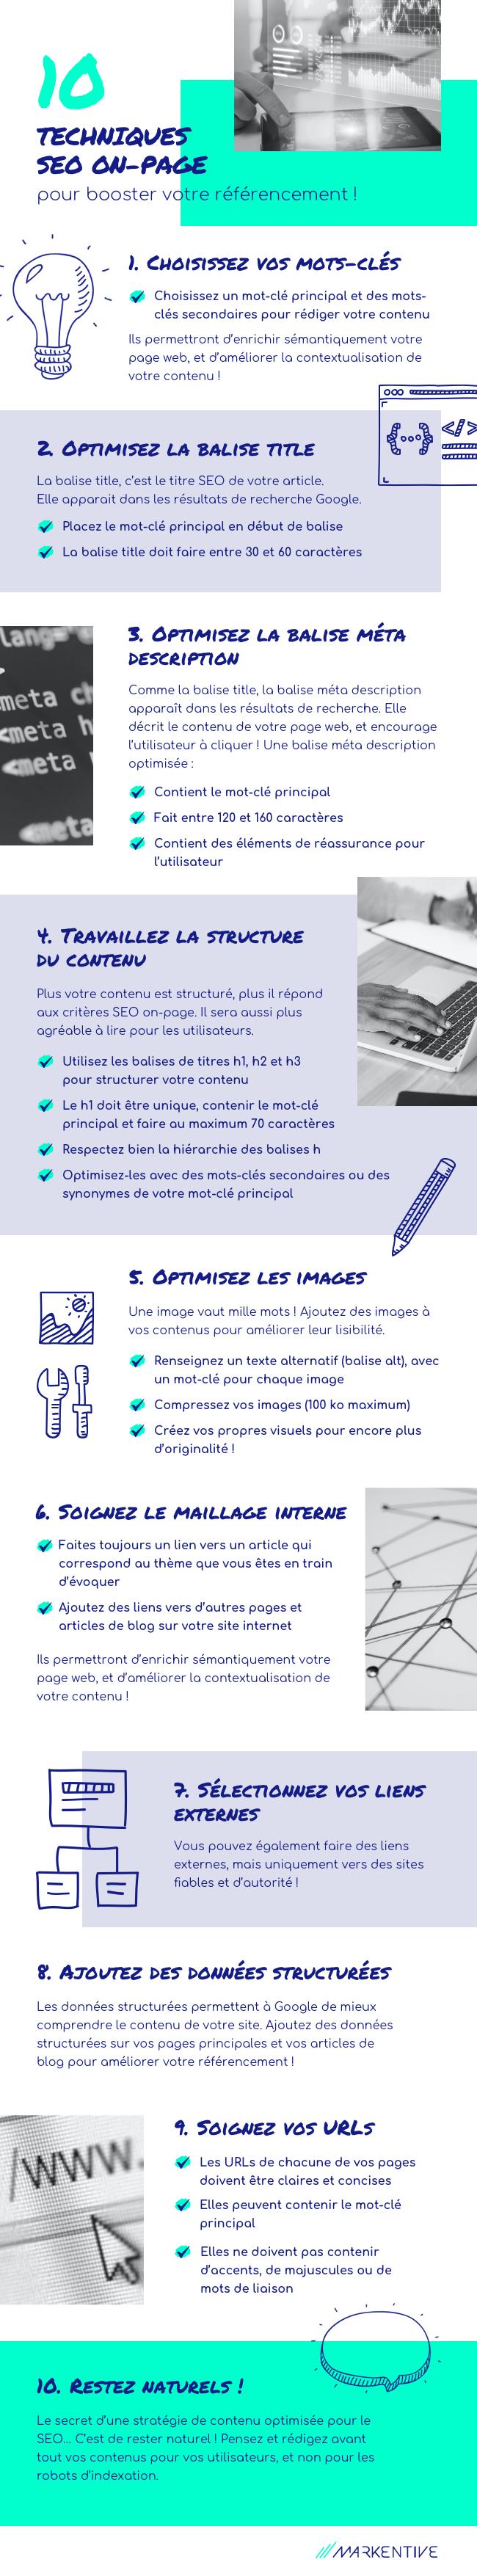 Infographie  10 techniques SEO on page pour booster son référencement